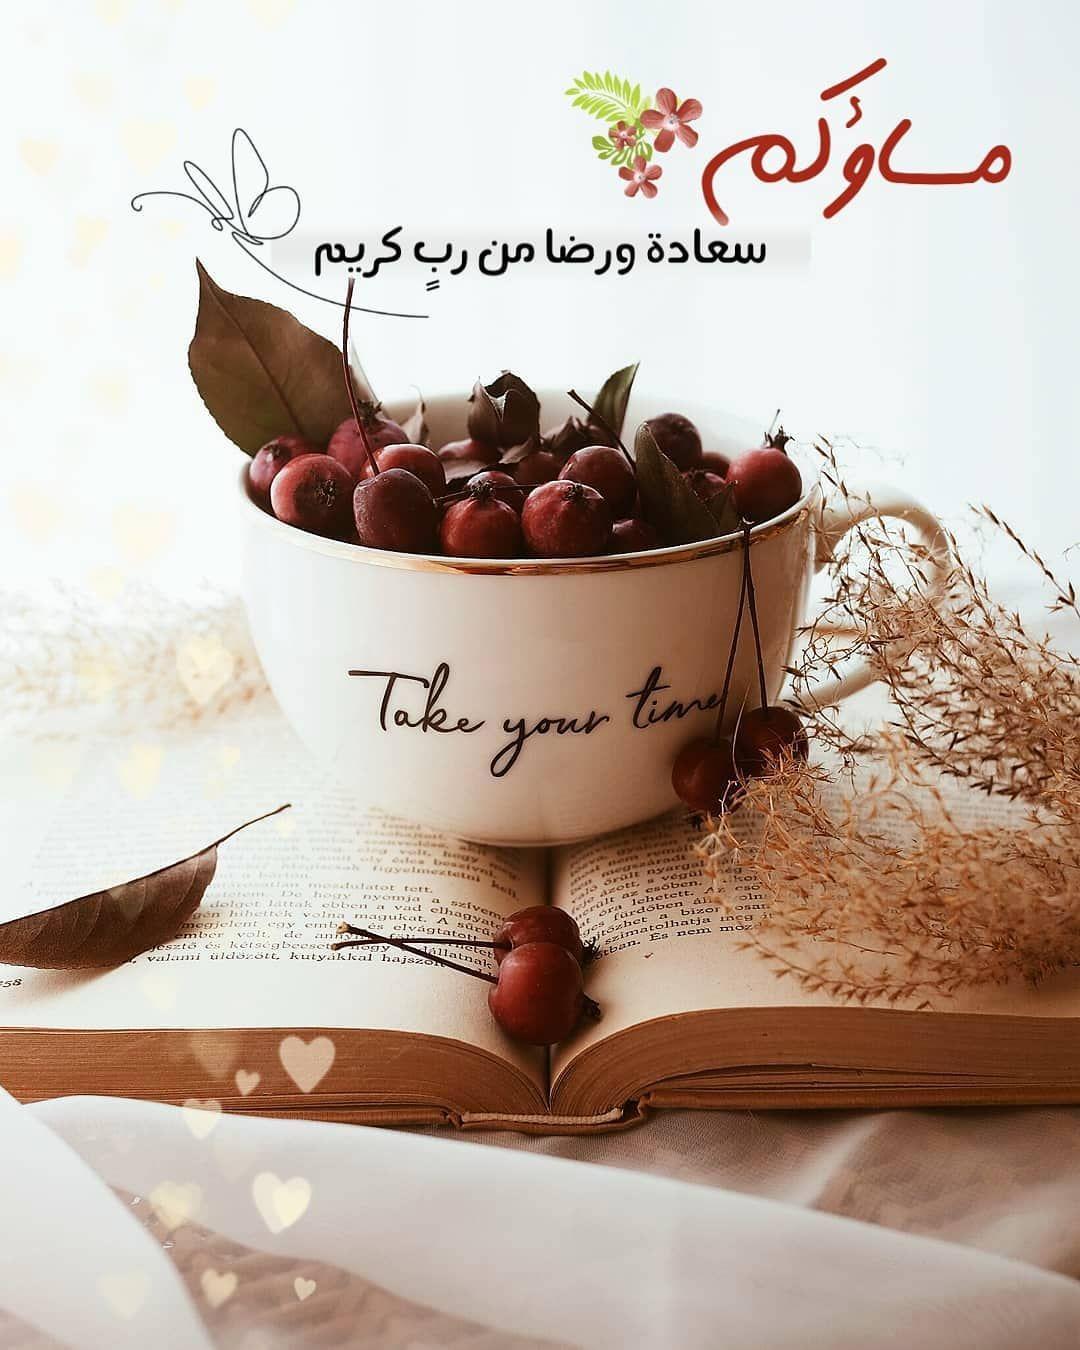 صبح و مساء Sabbah W Masa Posted On Instagram مساؤكم سعادة ورضا من رب كريم مساء الورد تصميم تصا Bowl Serving Bowls Tableware